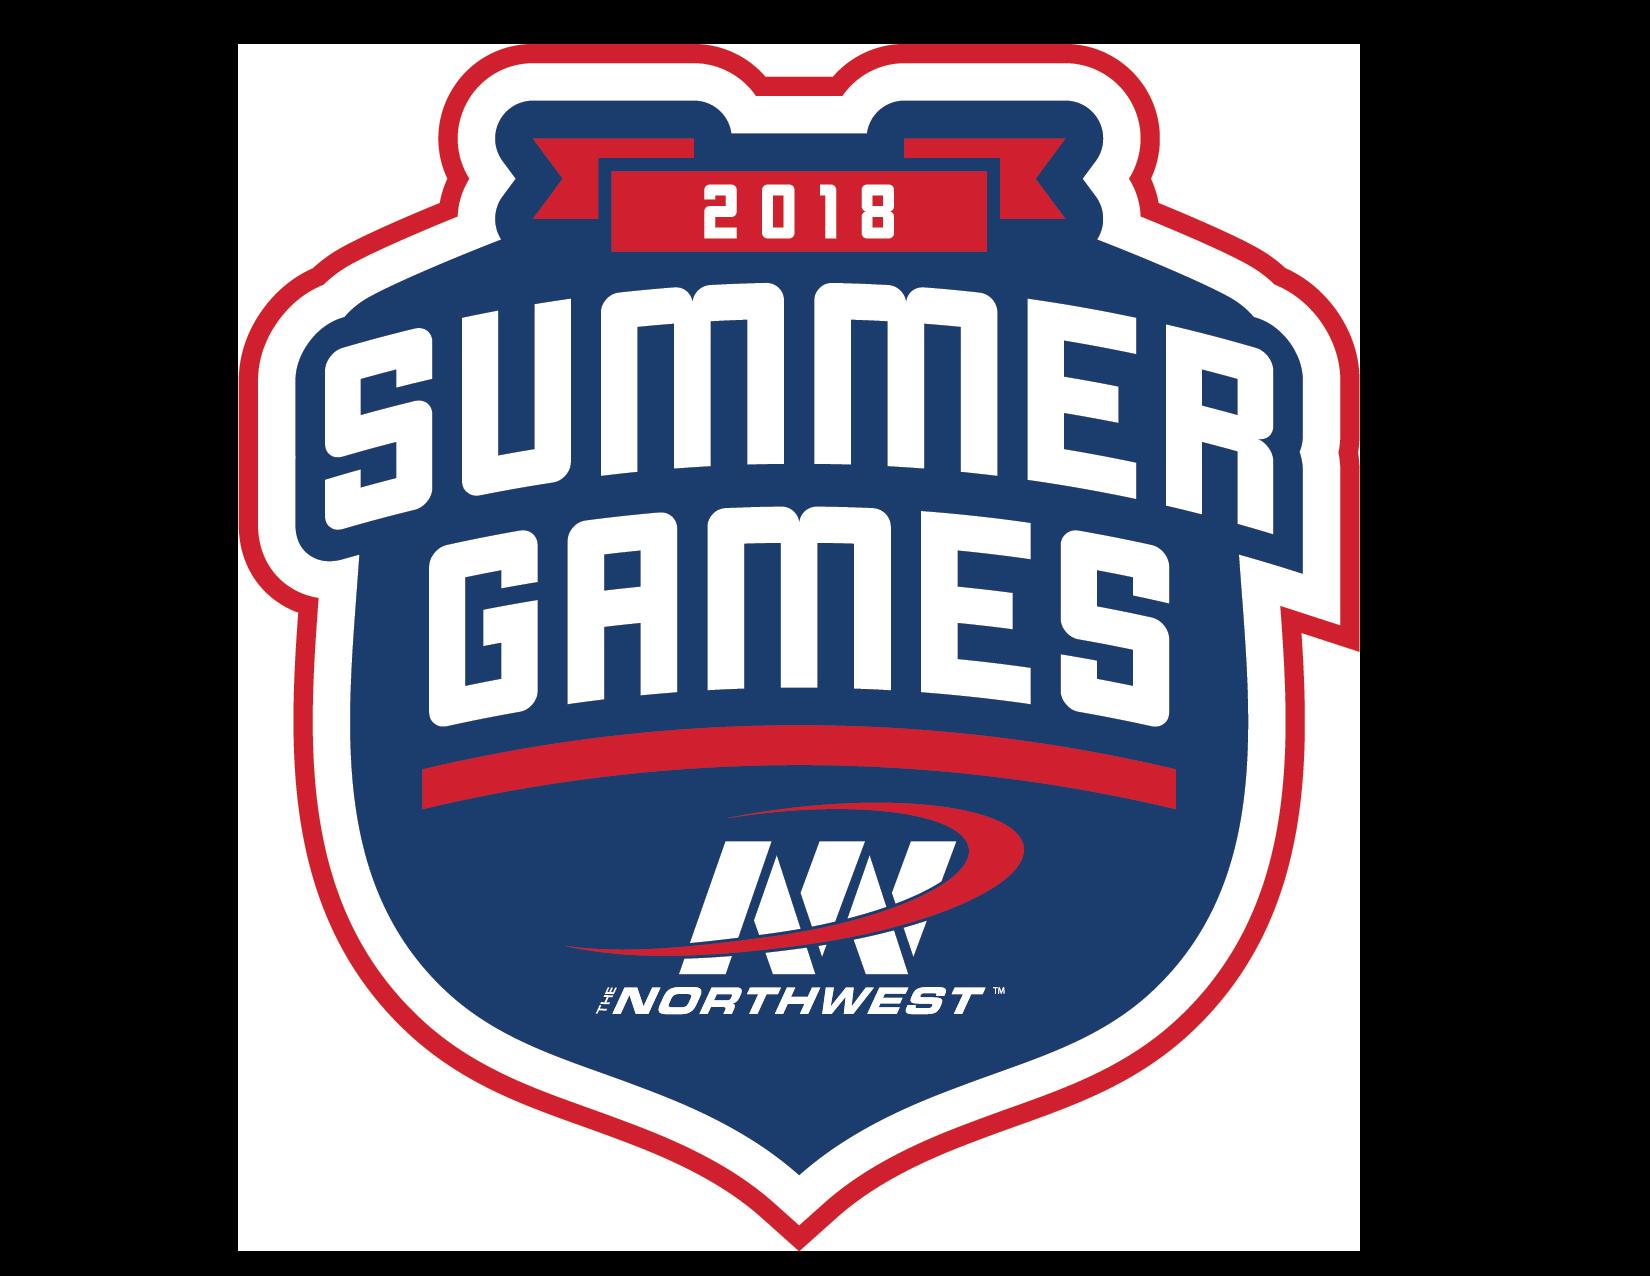 Northwest Summer Games T-Shirt Logo 2